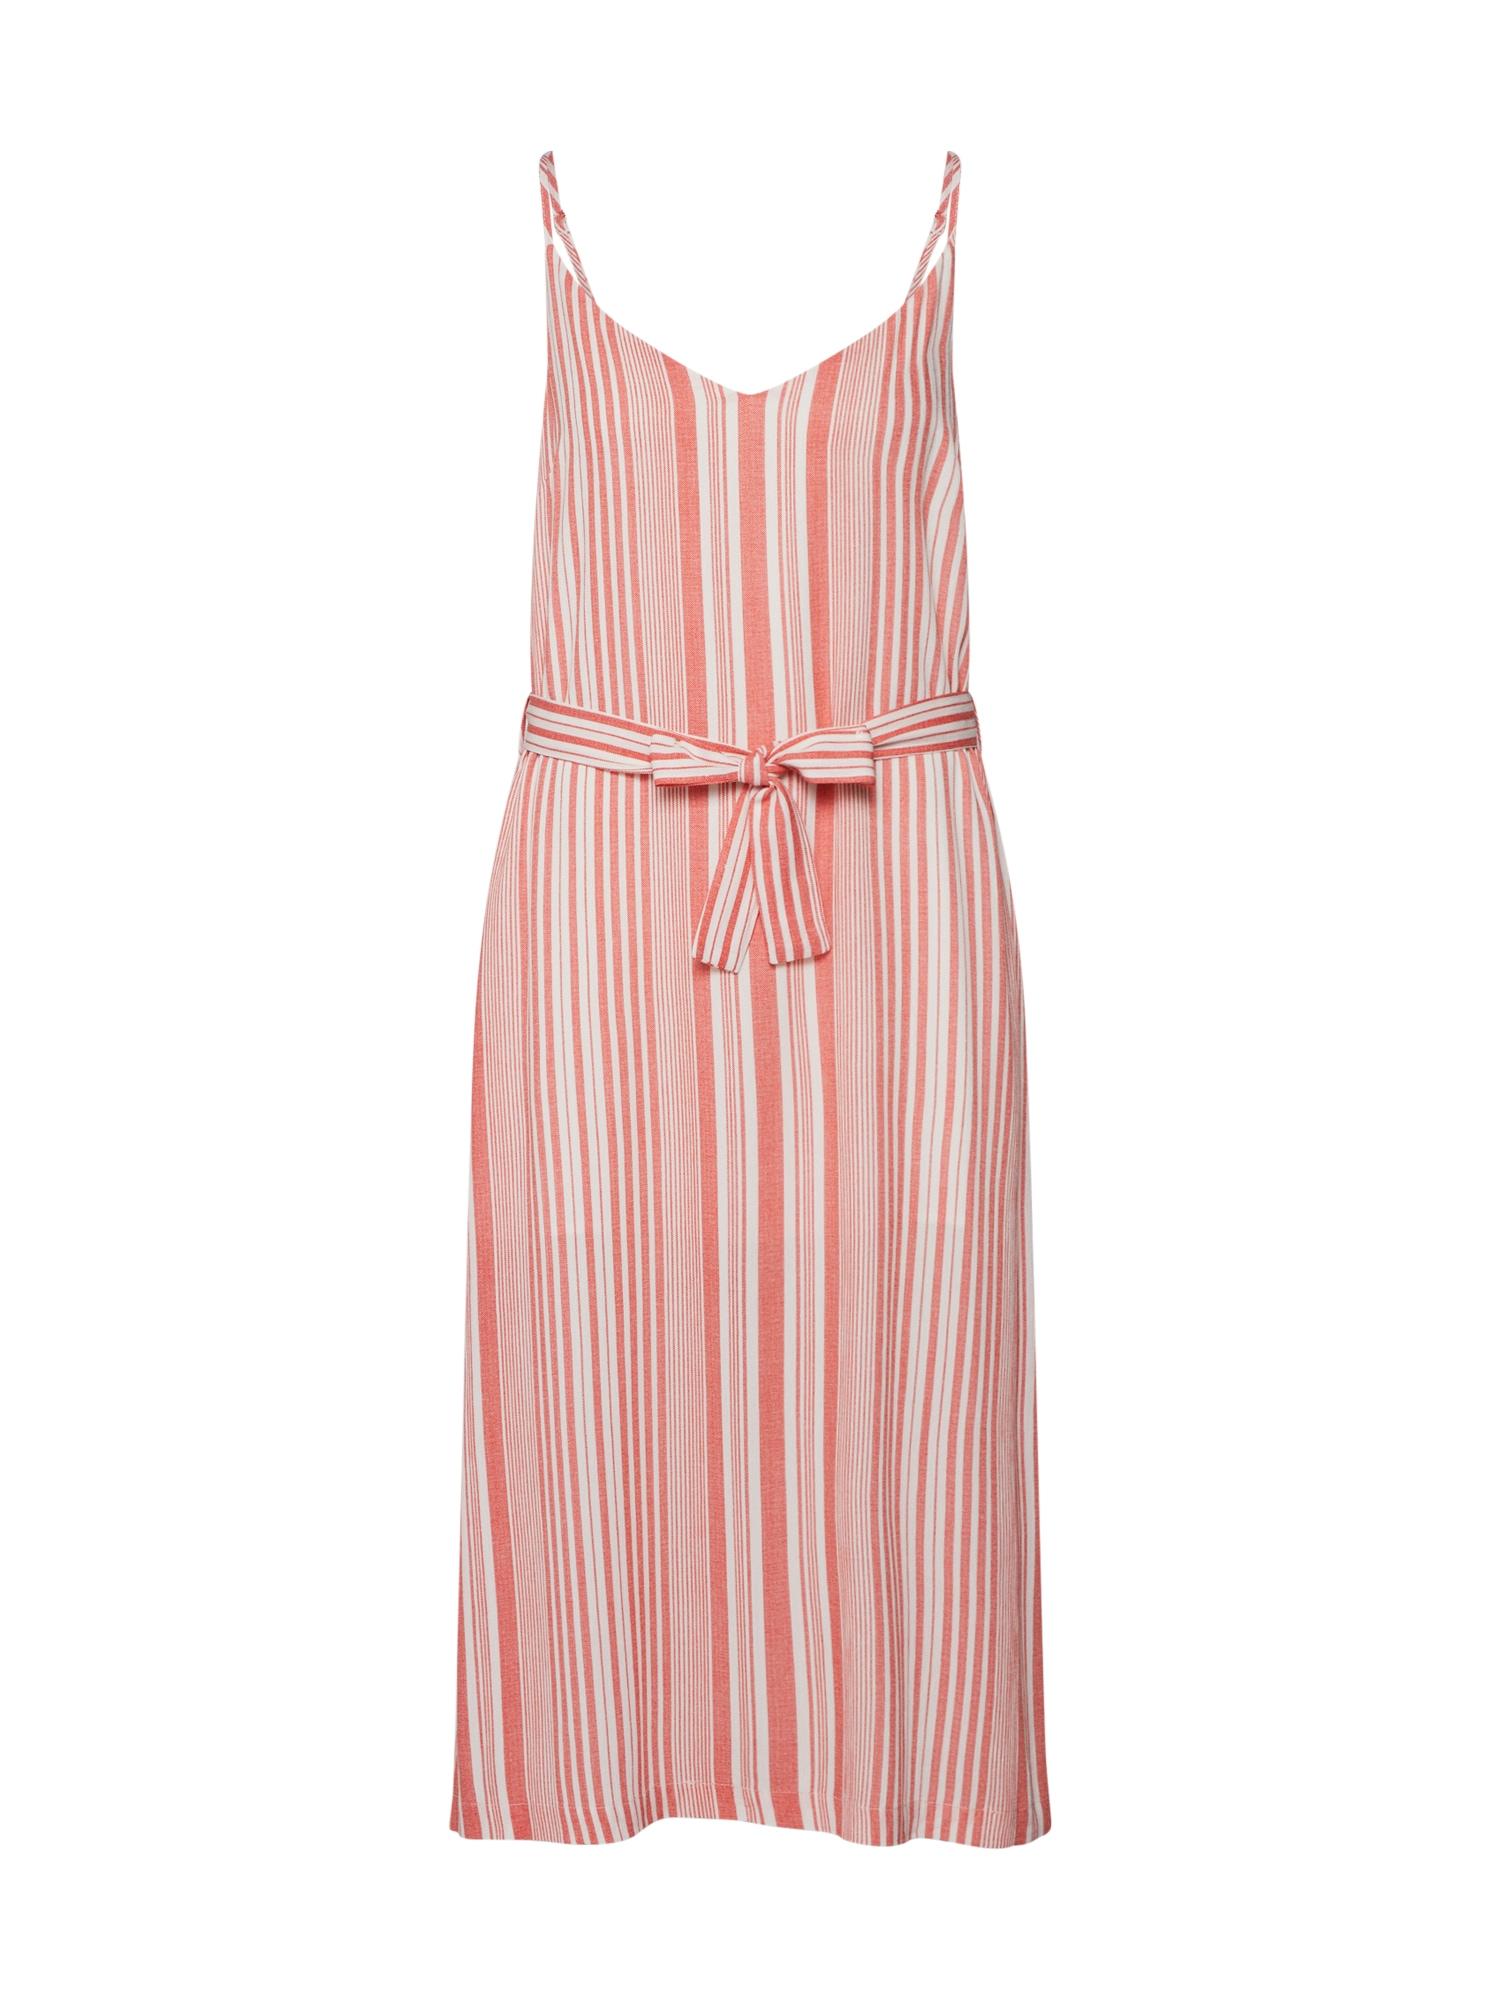 Letní šaty OCEAN SIDE oranžová bílá MINKPINK